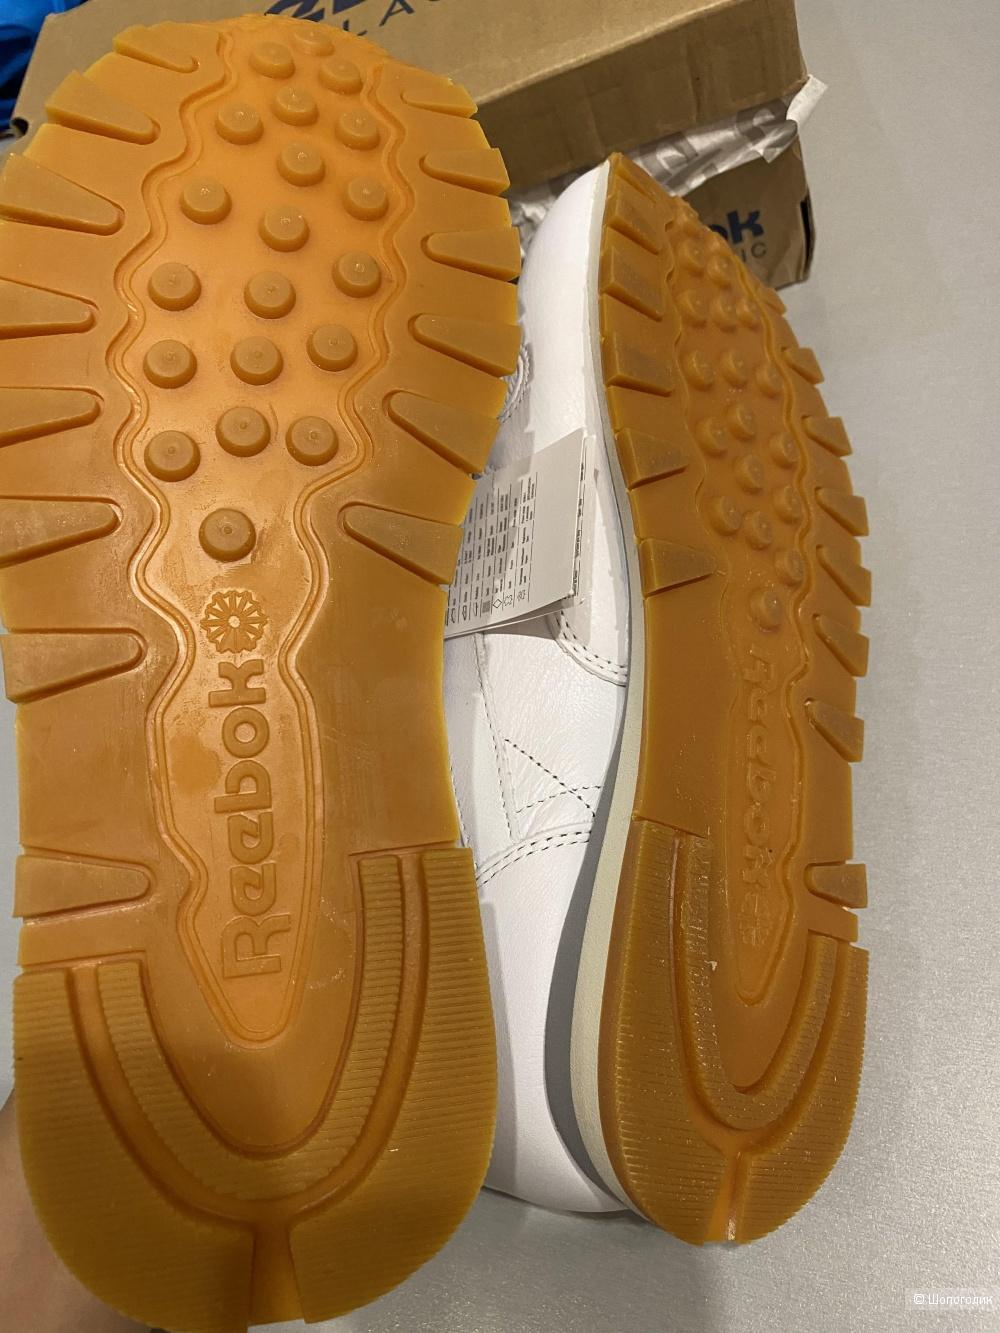 Кроссовки Reebok Classic Leather. Размер 6UK. 25,5 см